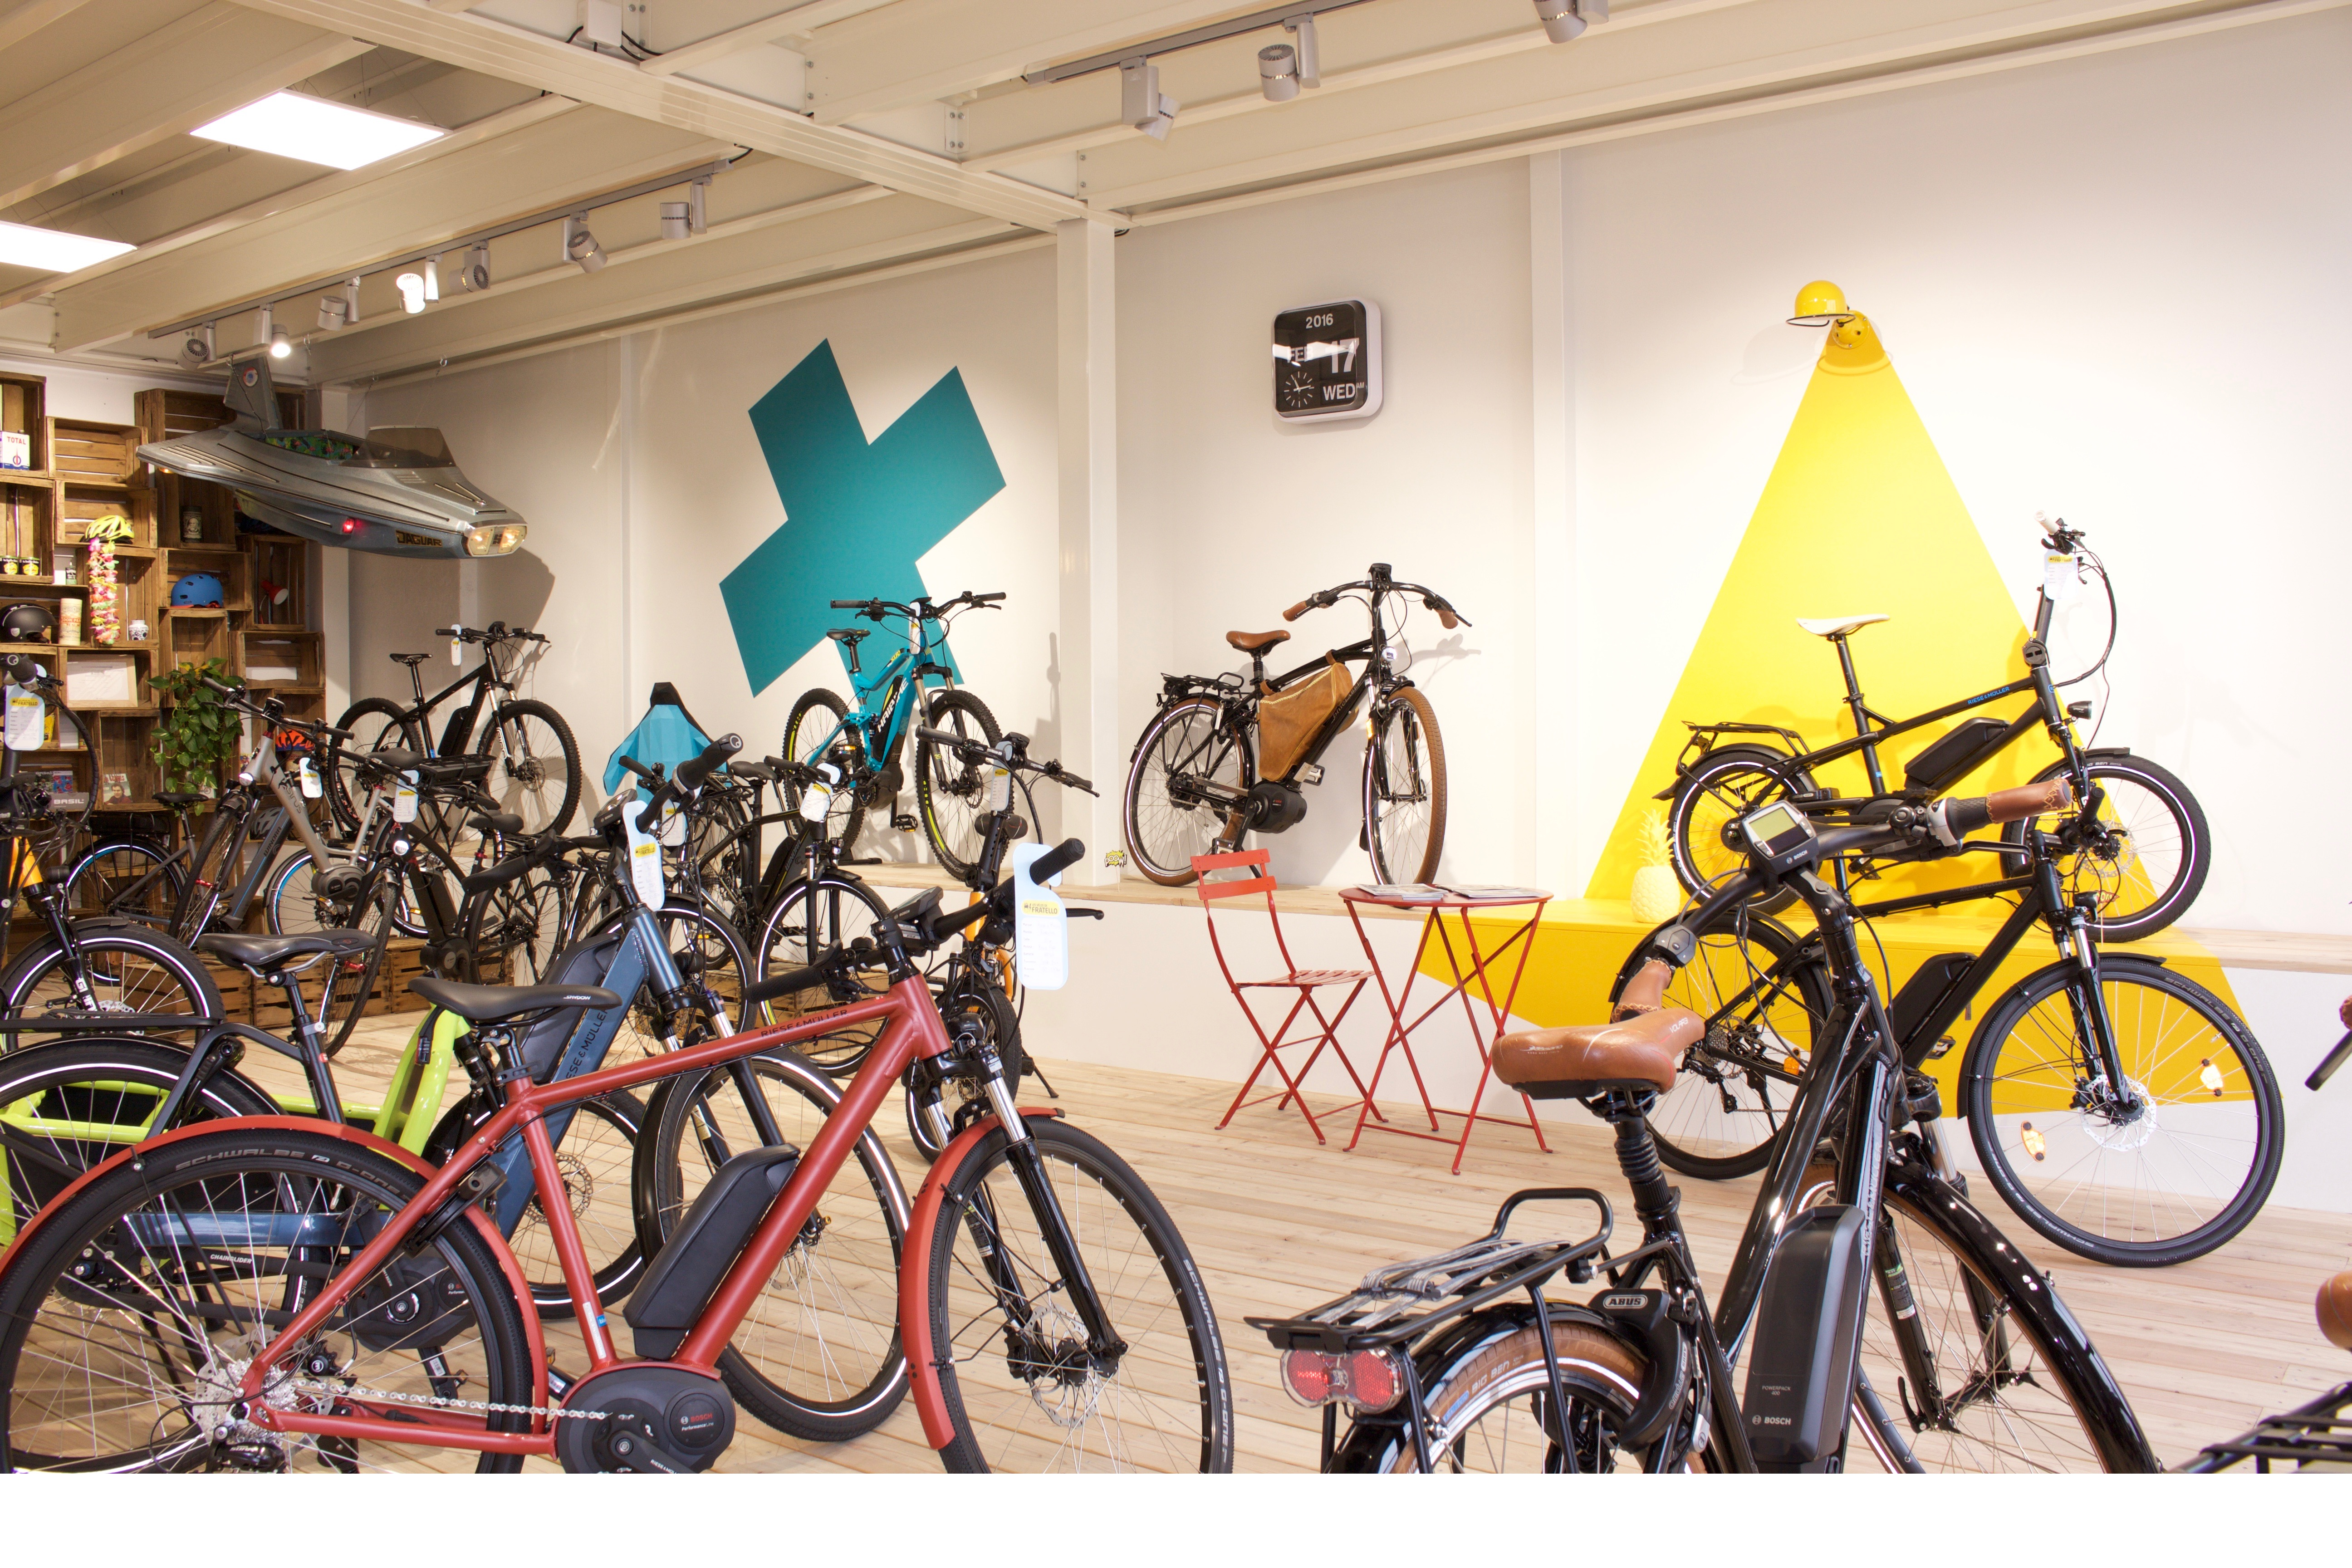 le magasin les vélos de fratello ici le Cruise de Riese & muller